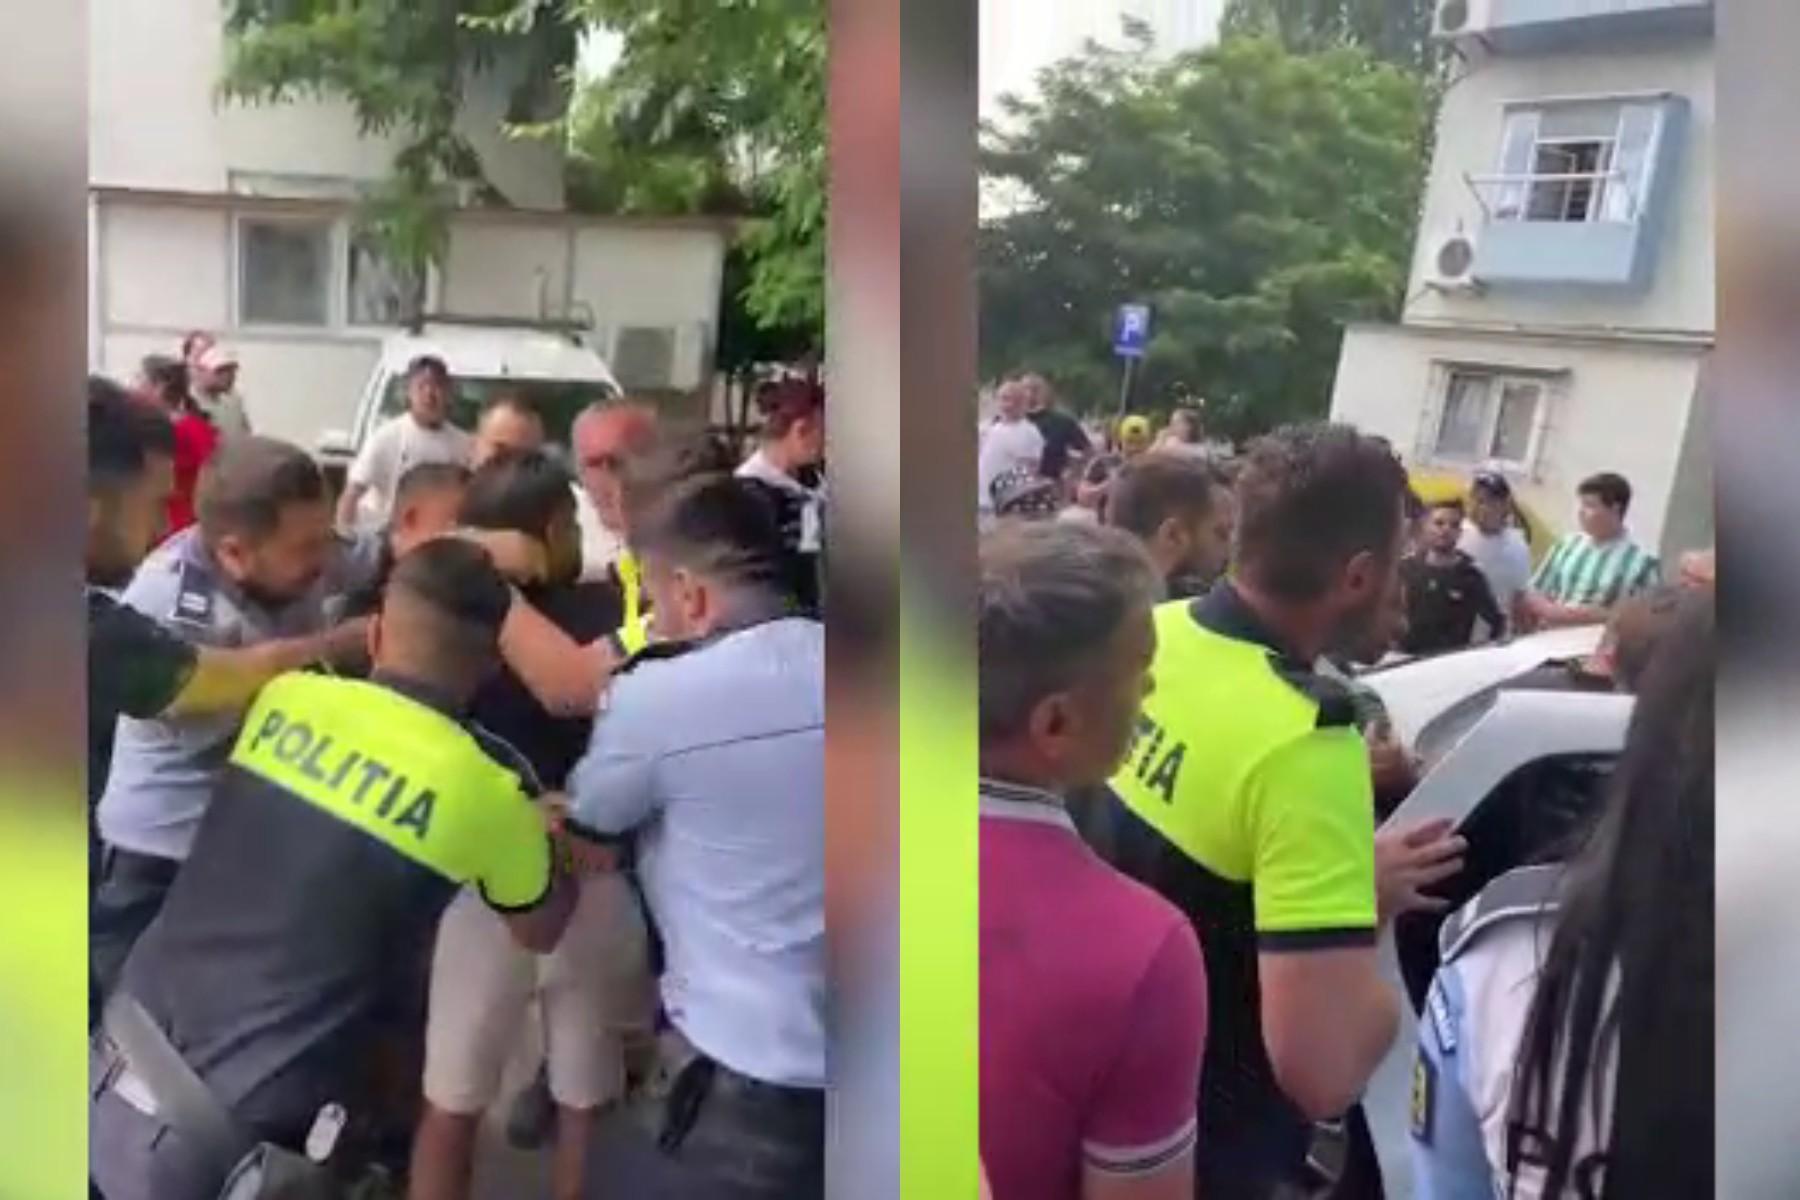 Poliția a spart o petrecere cu grătare între blocuri în Ferentari. Zeci de oameni au ieșit revoltați în stradă să se lupte cu agenții. VIDEO